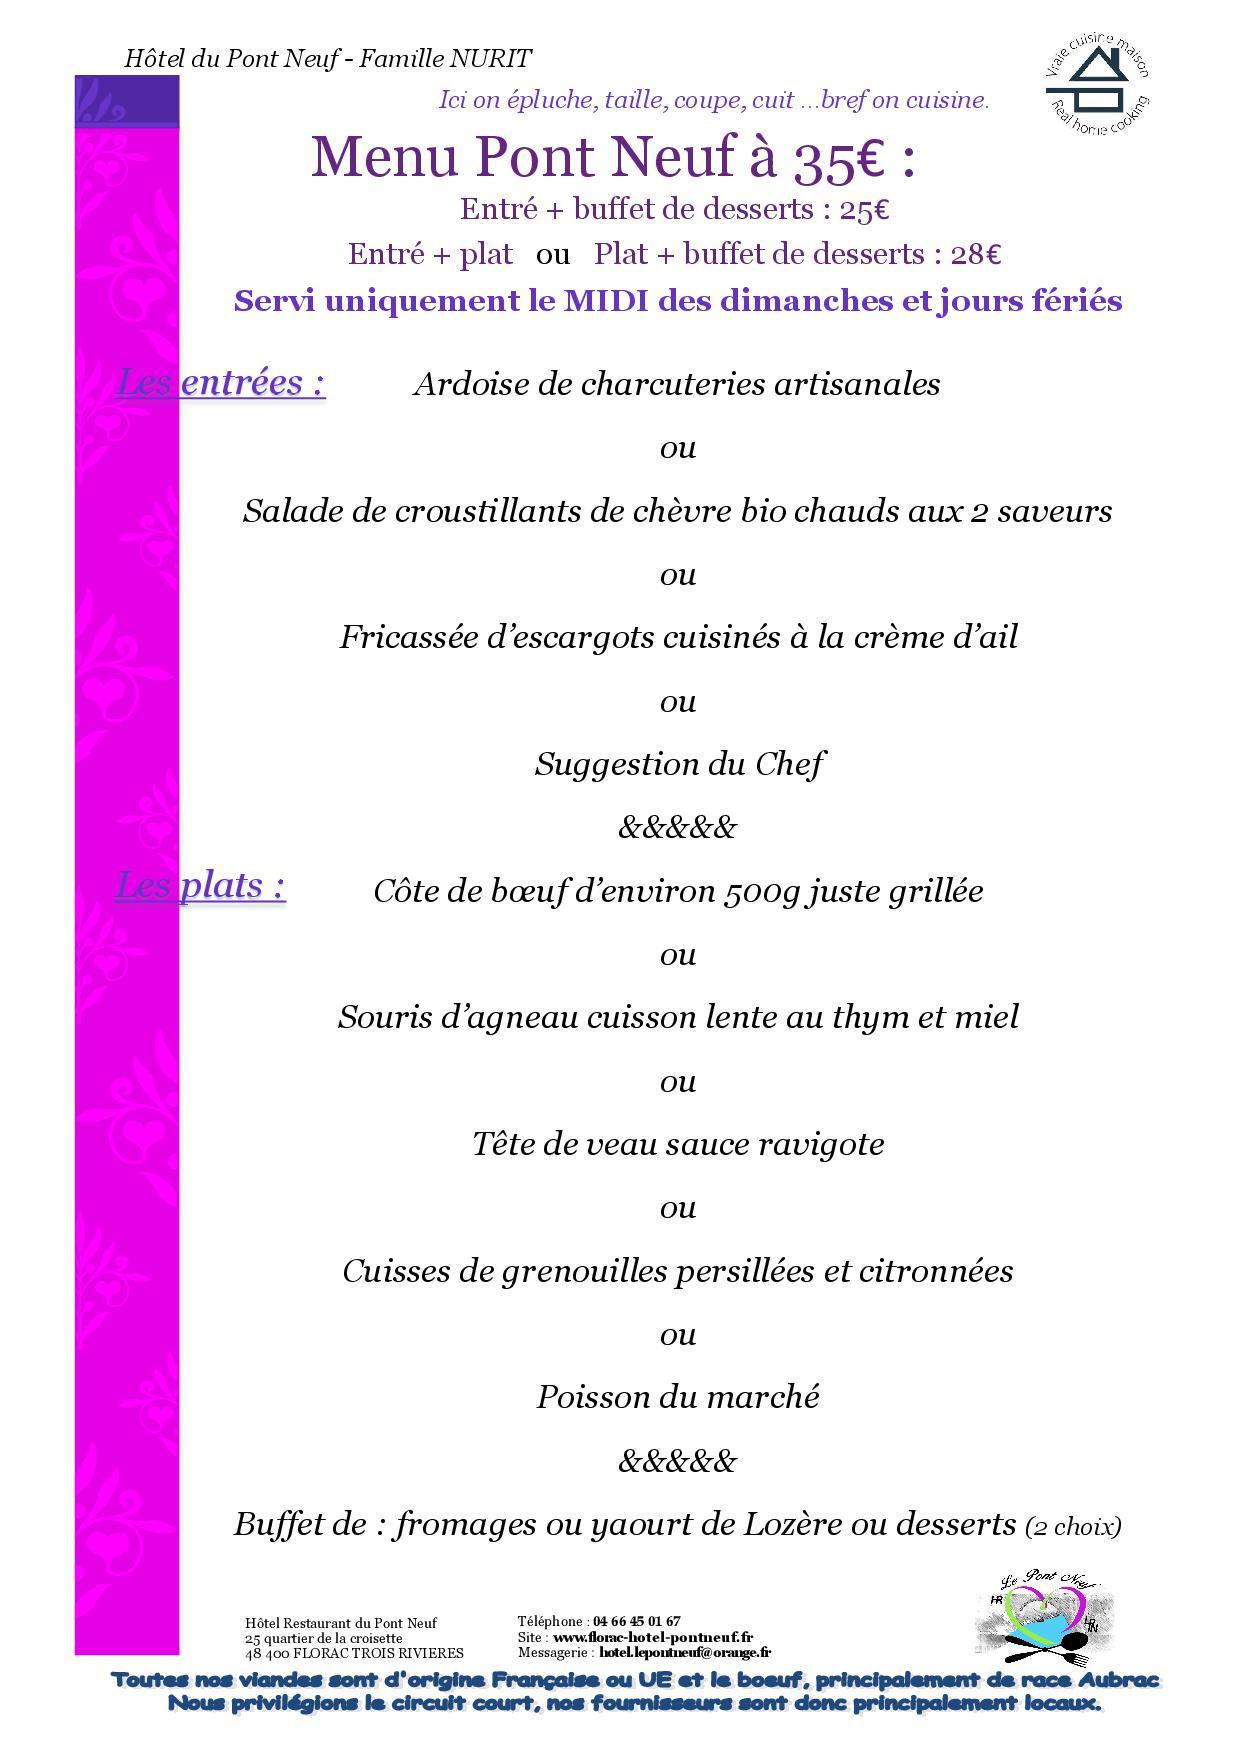 A4 - 4 PAGES - MENUS 20204